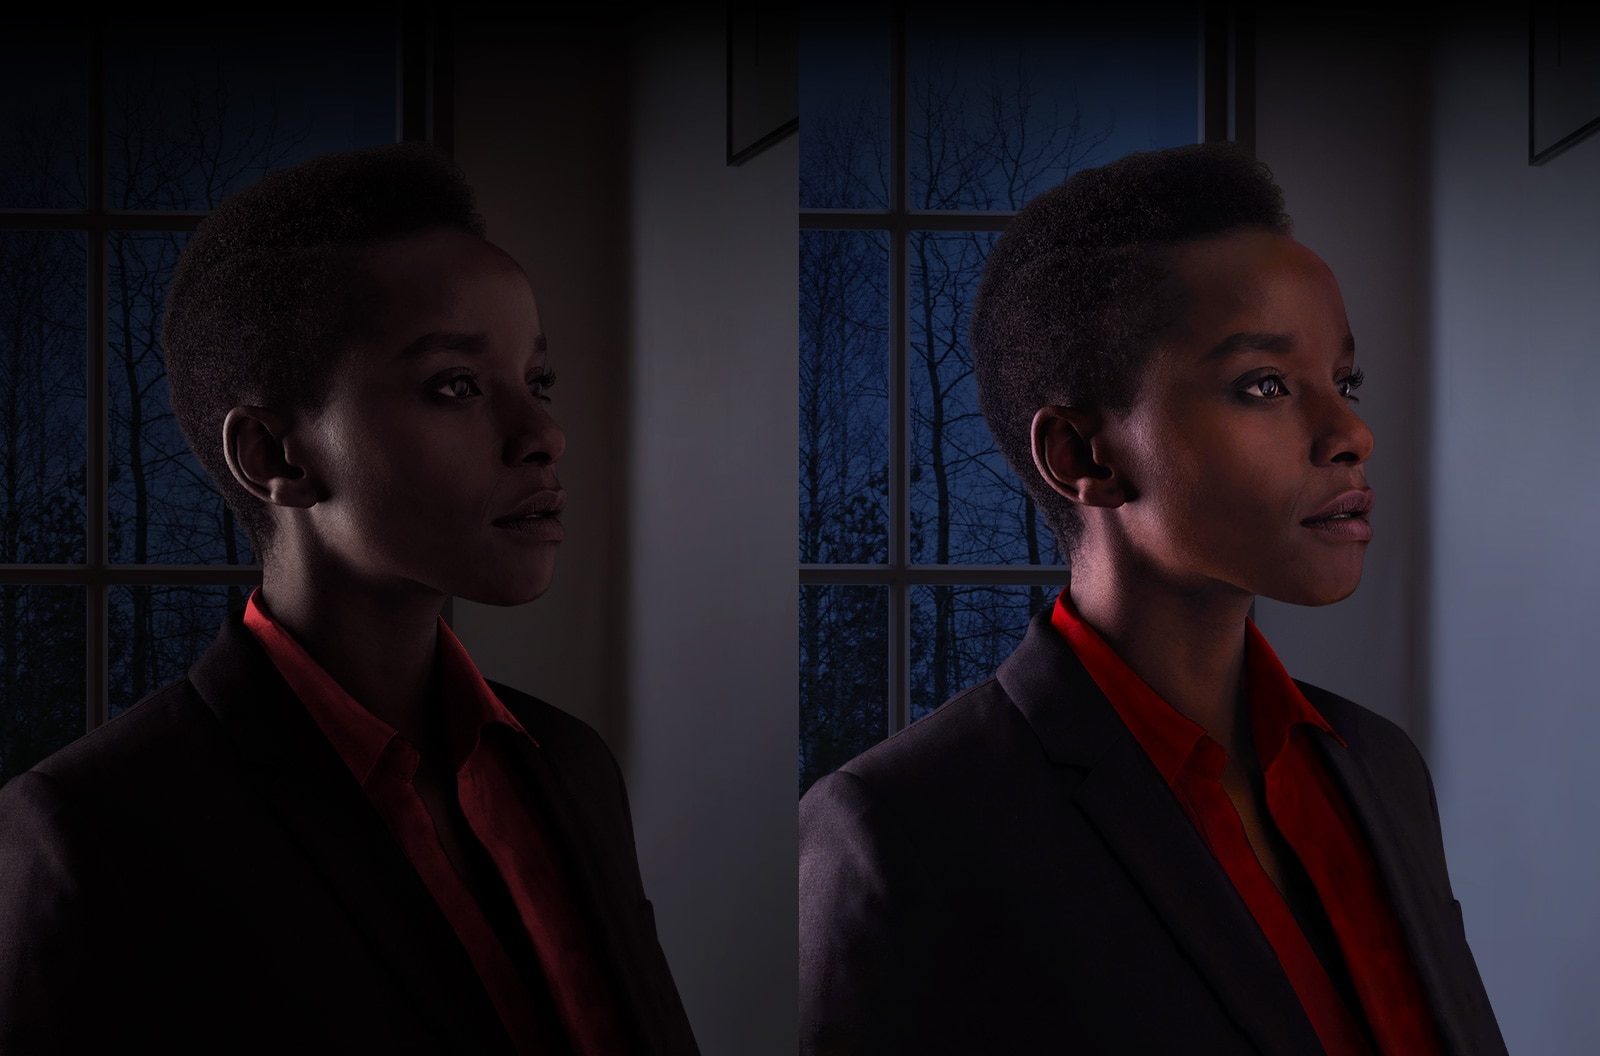 Las mismas fotos de una mujer que se ve oscura a la izquierda e iluminada a la derecha